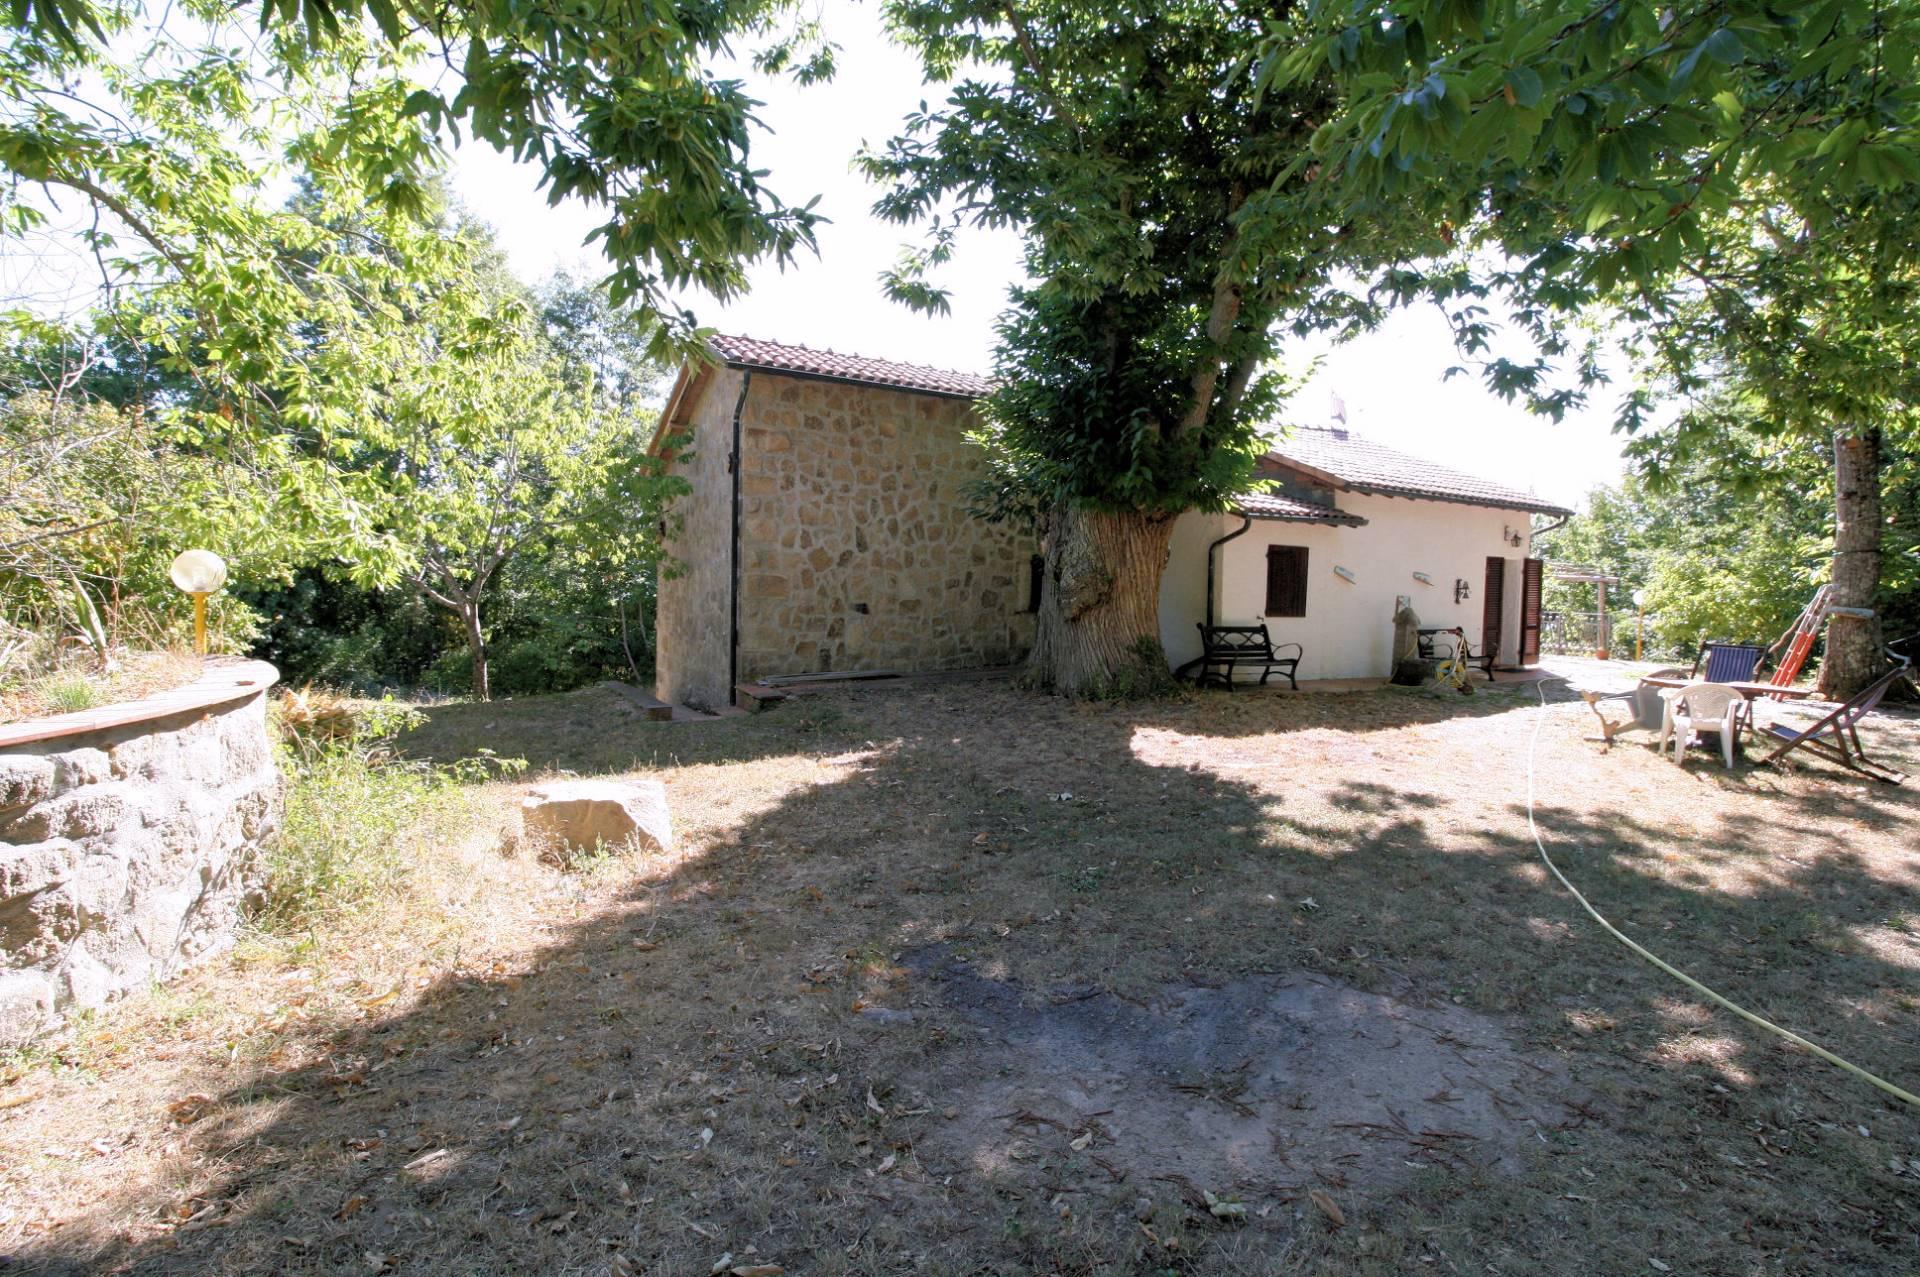 Rustico / Casale in vendita a Roccastrada, 5 locali, zona Zona: Sassofortino, prezzo € 295.000   CambioCasa.it